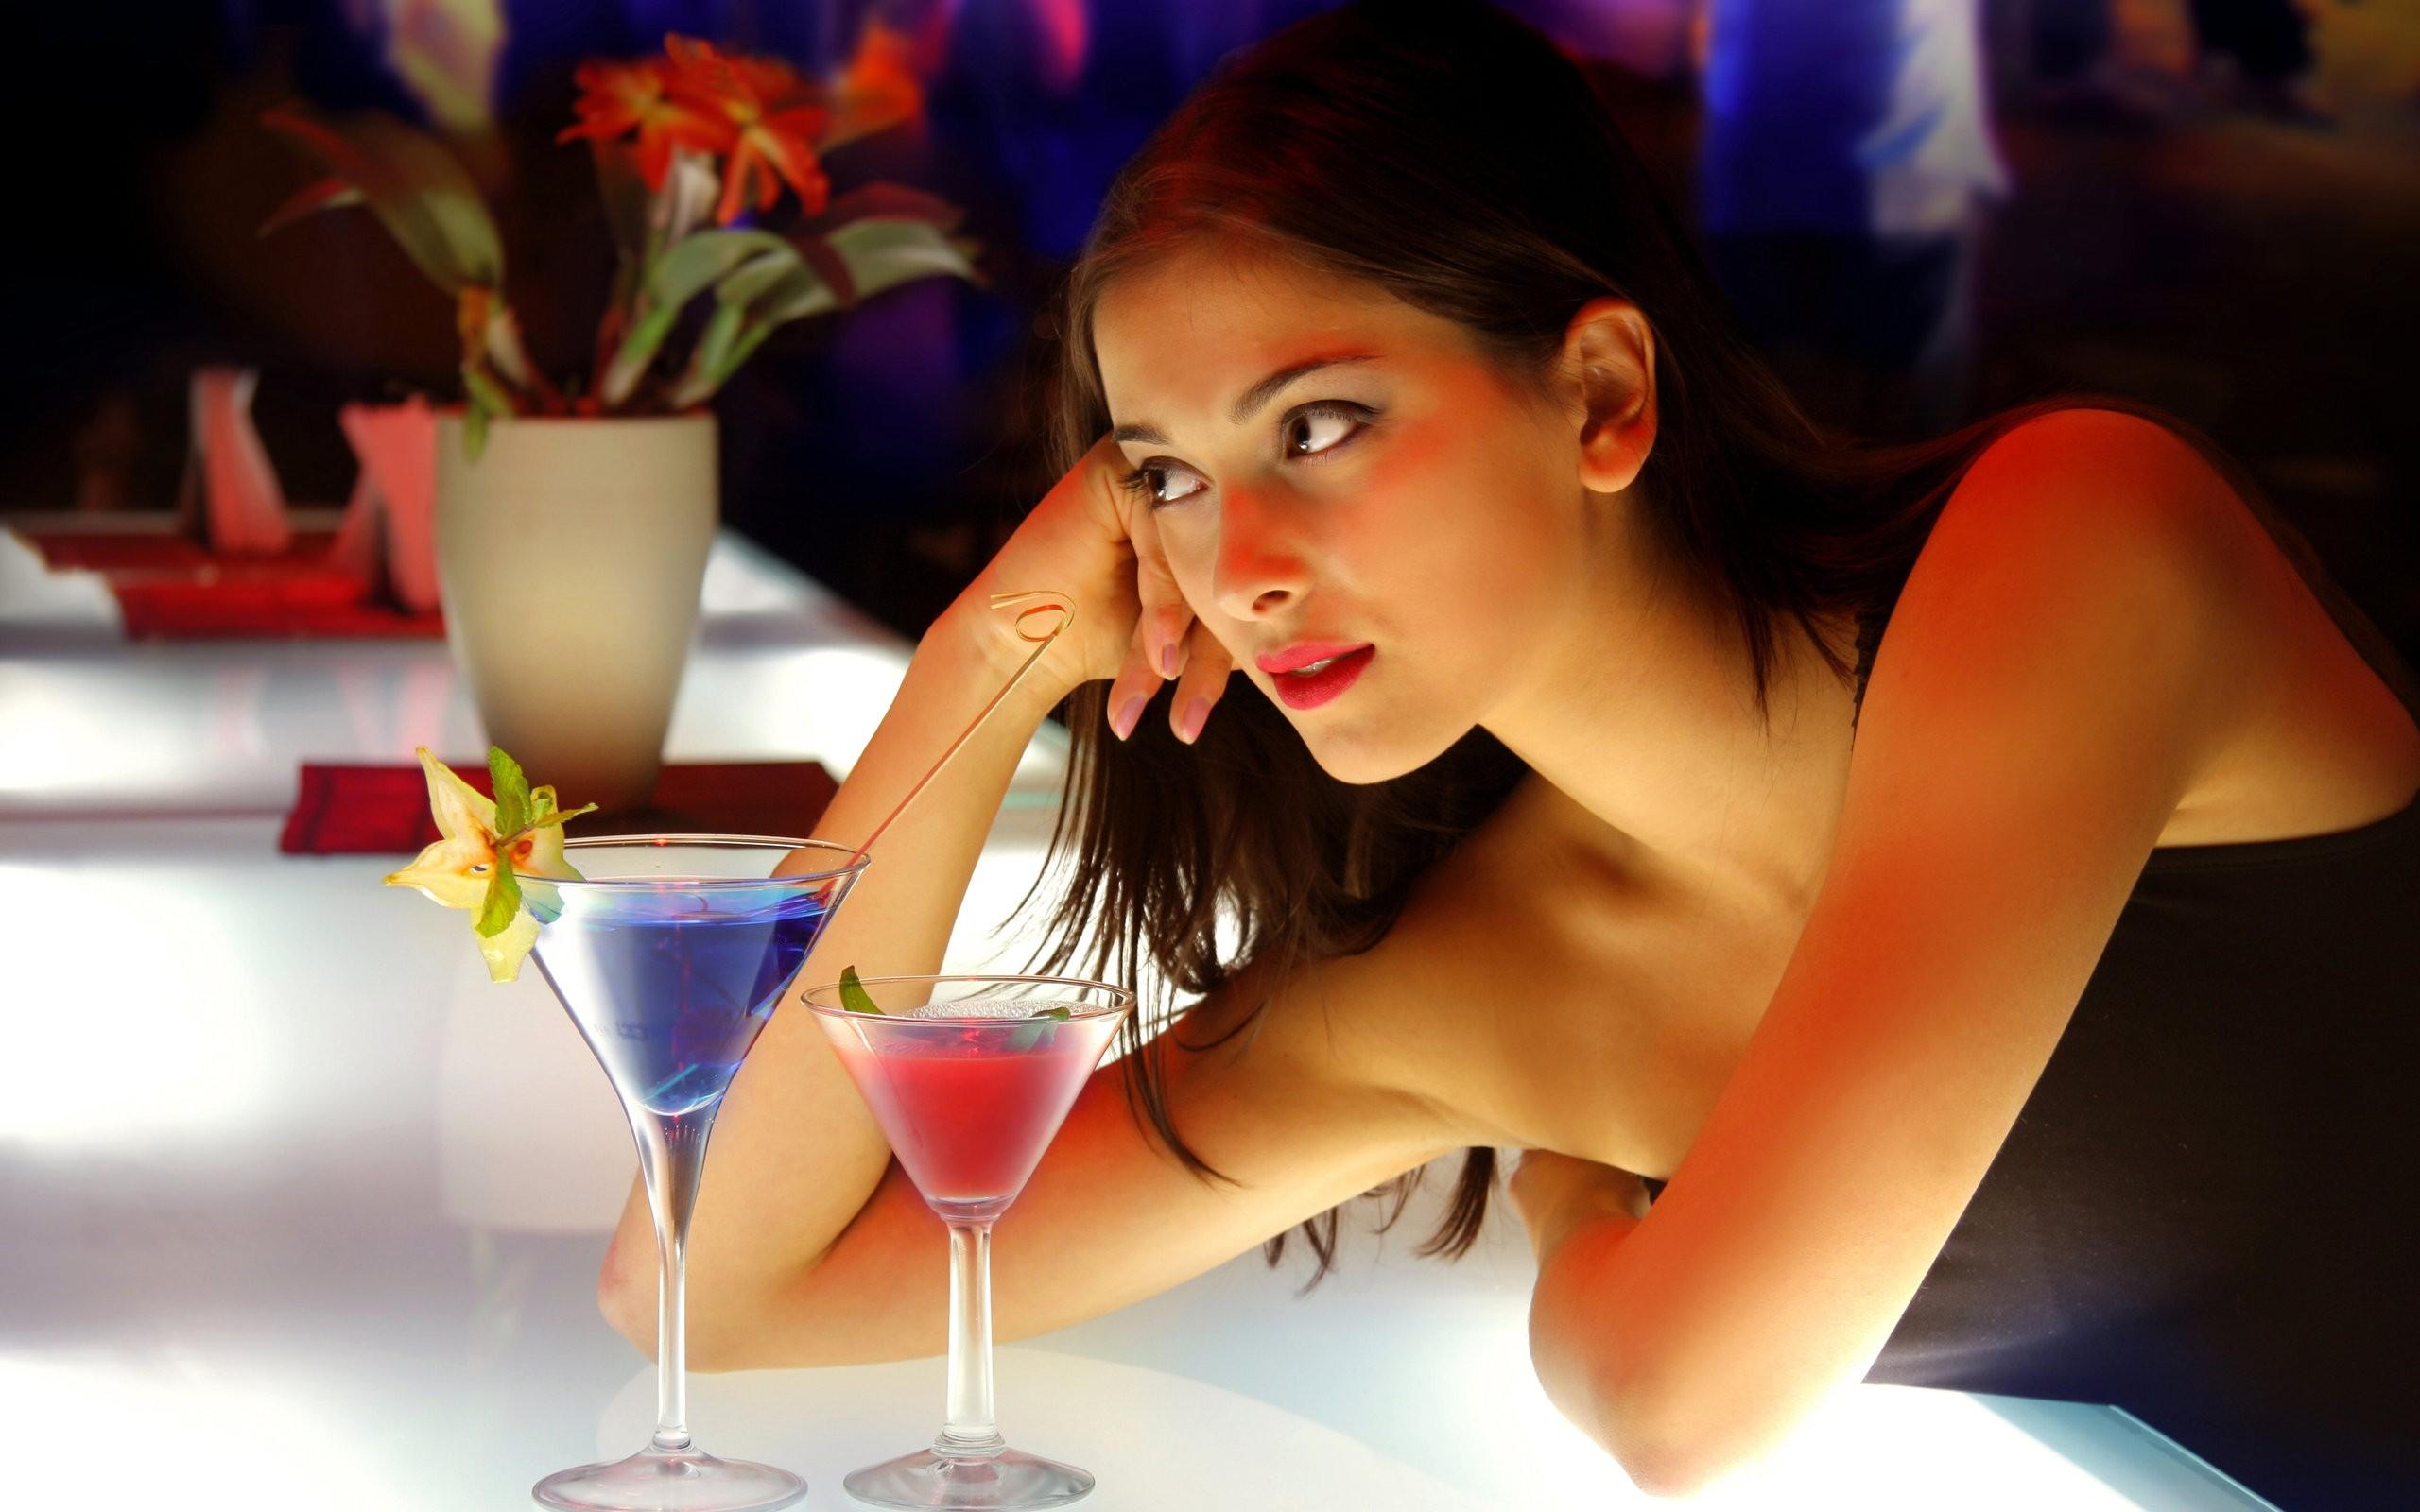 Chica en el bar - 2560x1600